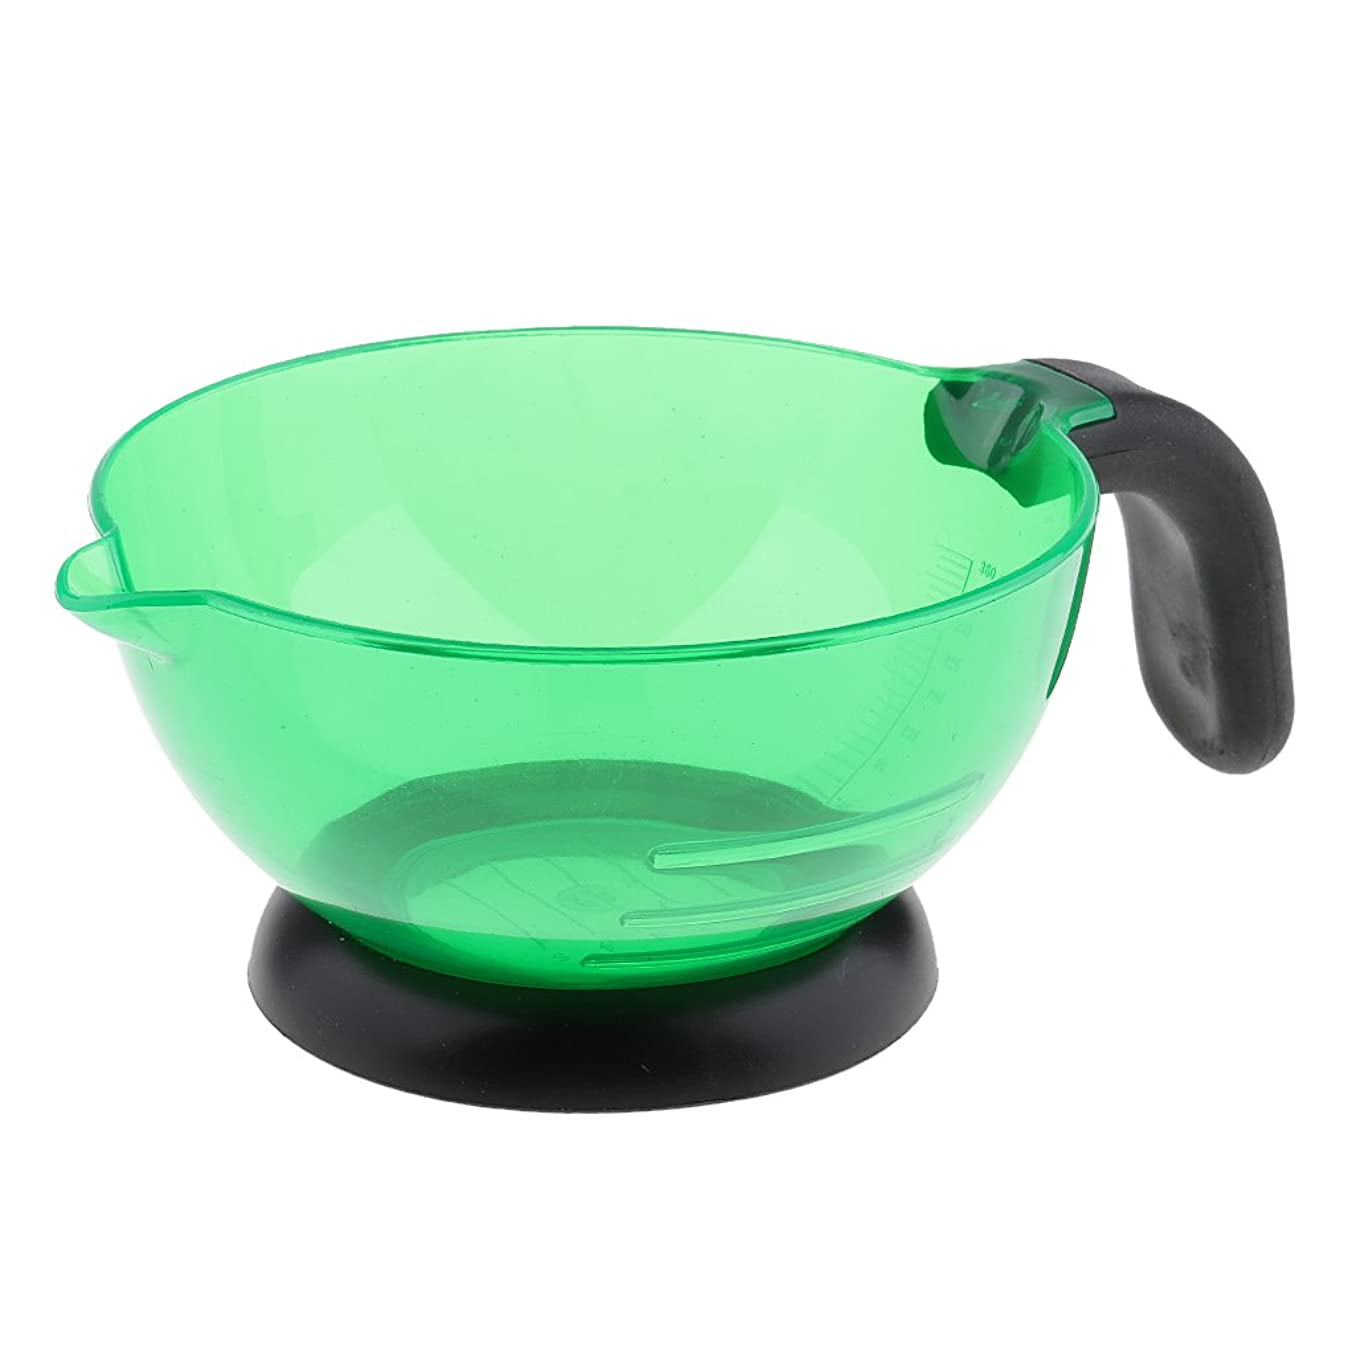 怪物押し下げる豊富にBaosity 全3色選べ 高品質 シリコン 多機能 美容室/サロン 染剤ボウル ヘアカラー 染め用具  - 緑